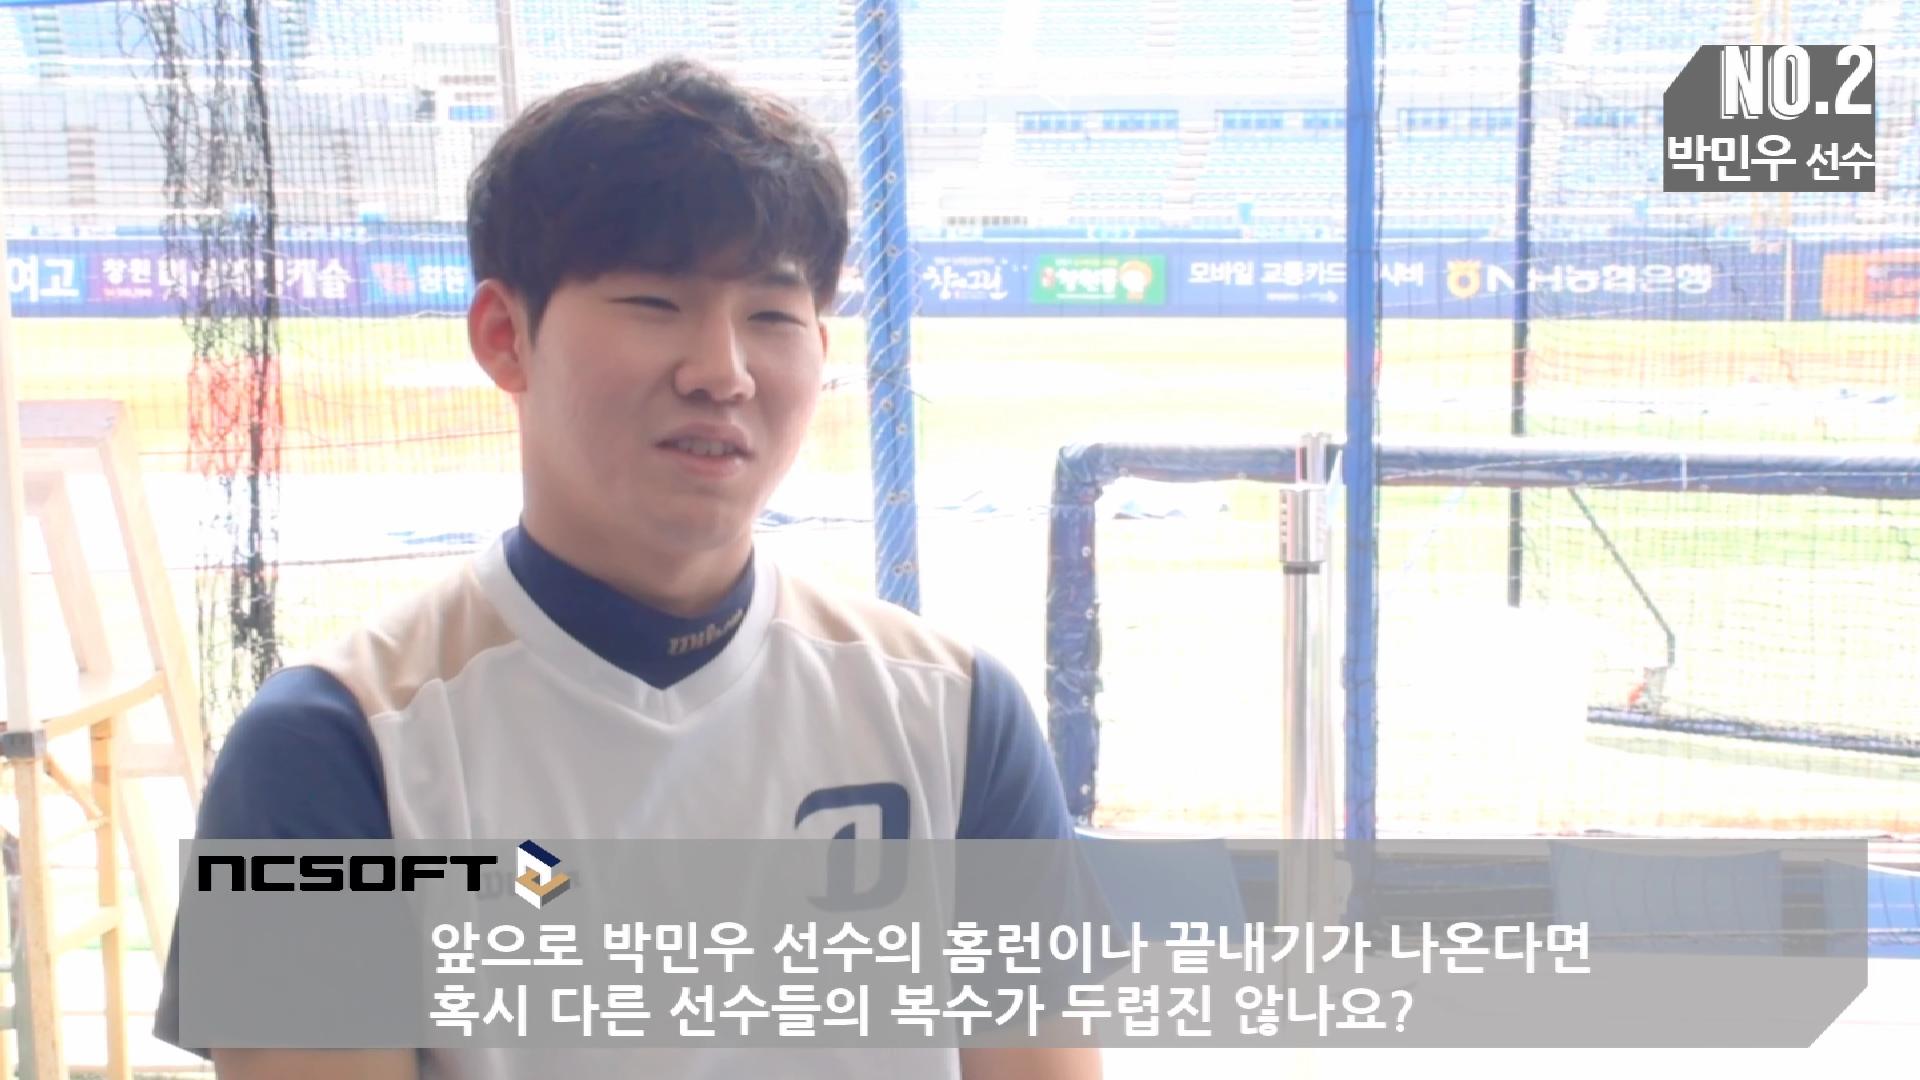 앞으로 박민우 선수의 홈런이나 끝내기가 나온다면 혹시 다른 선수들의 복수가 두렵진 않나요?